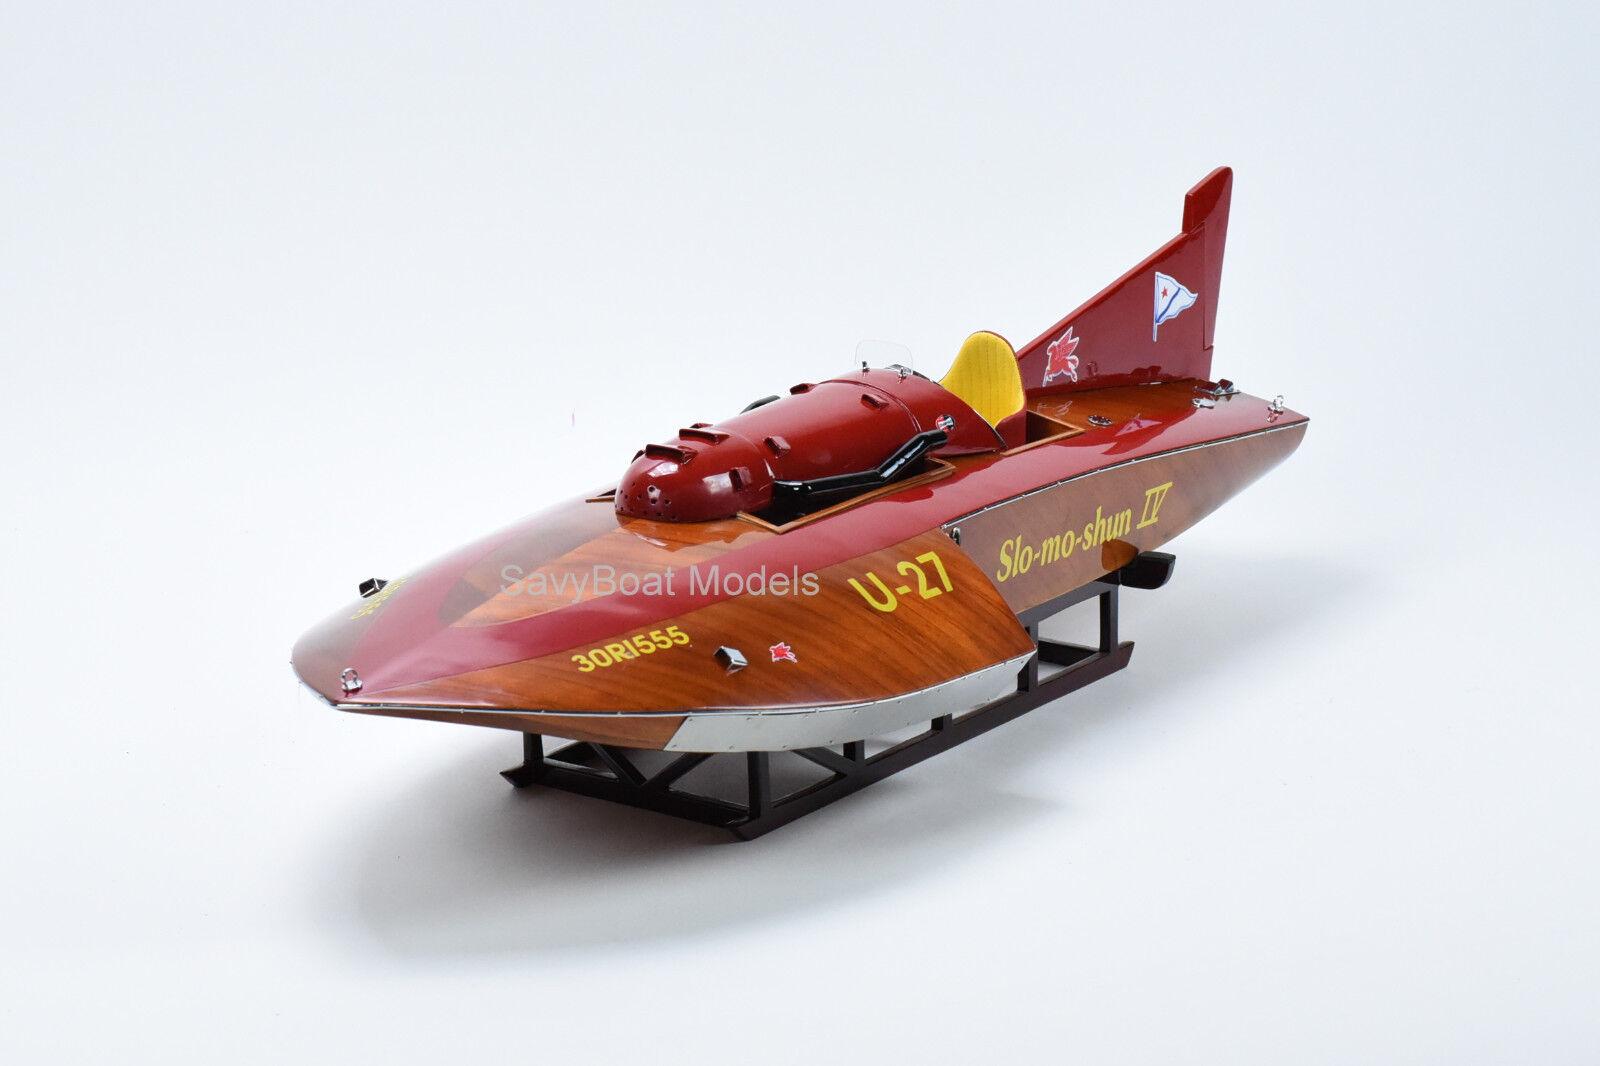 vendendo bene in tutto il mondo Hydroplane Slo-mo-shun IV U-27 U-27 U-27 Hefatto Wooden Race Boat modello 36  RC Ready  scegli il tuo preferito